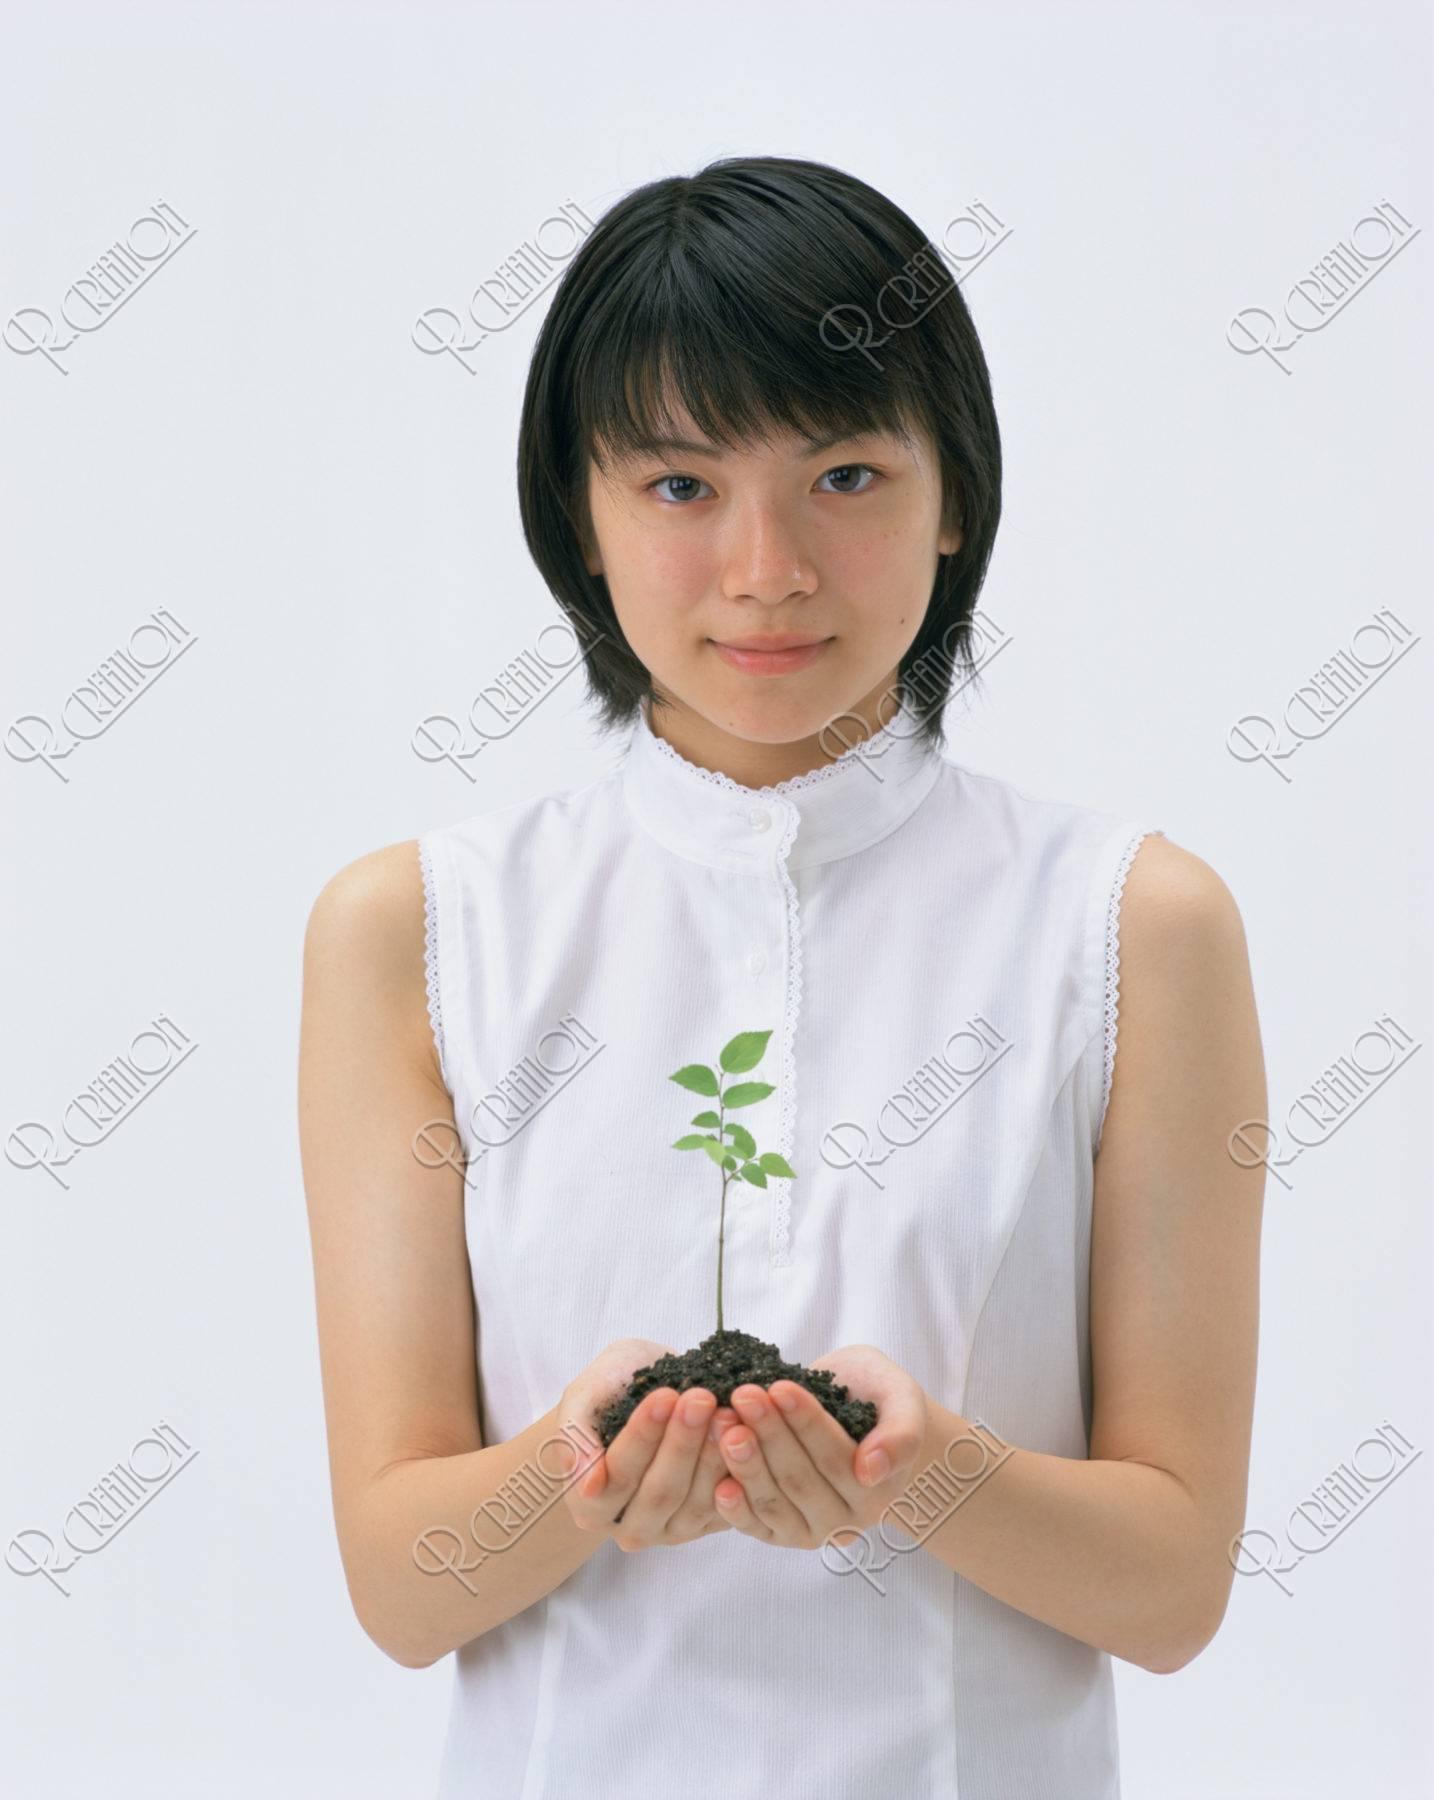 新芽を持つ少女